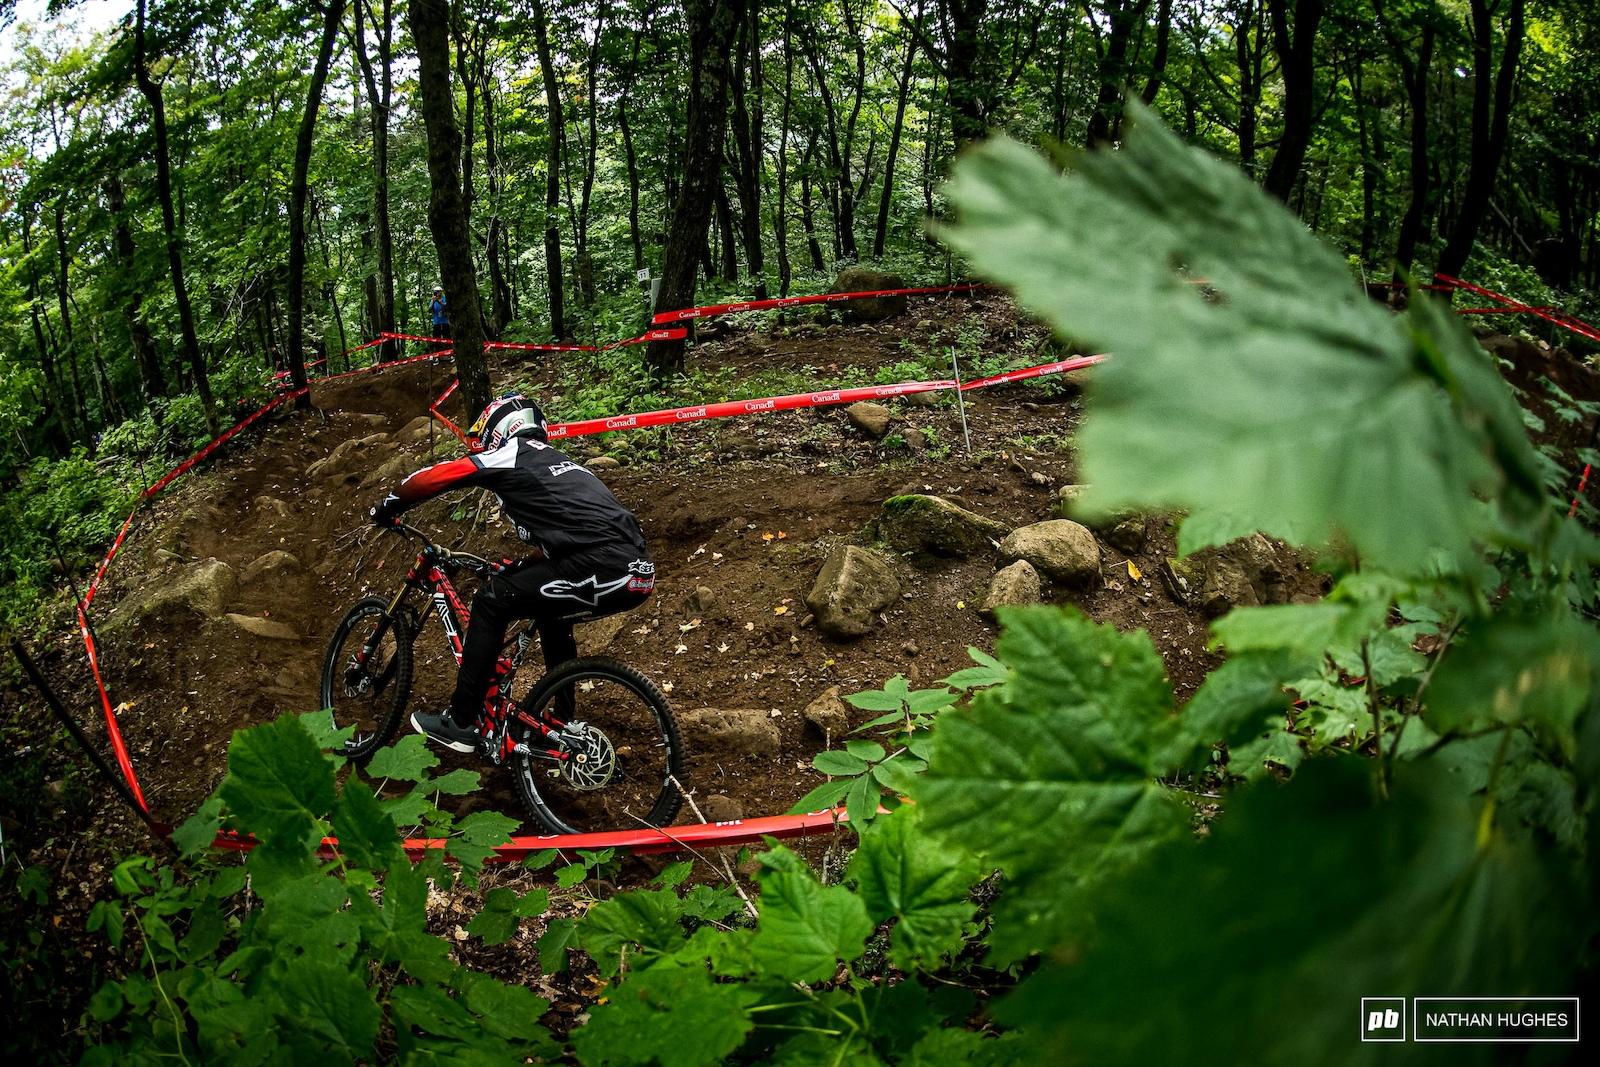 Aaron Gwin piloting his prototype through the deep dark woods.